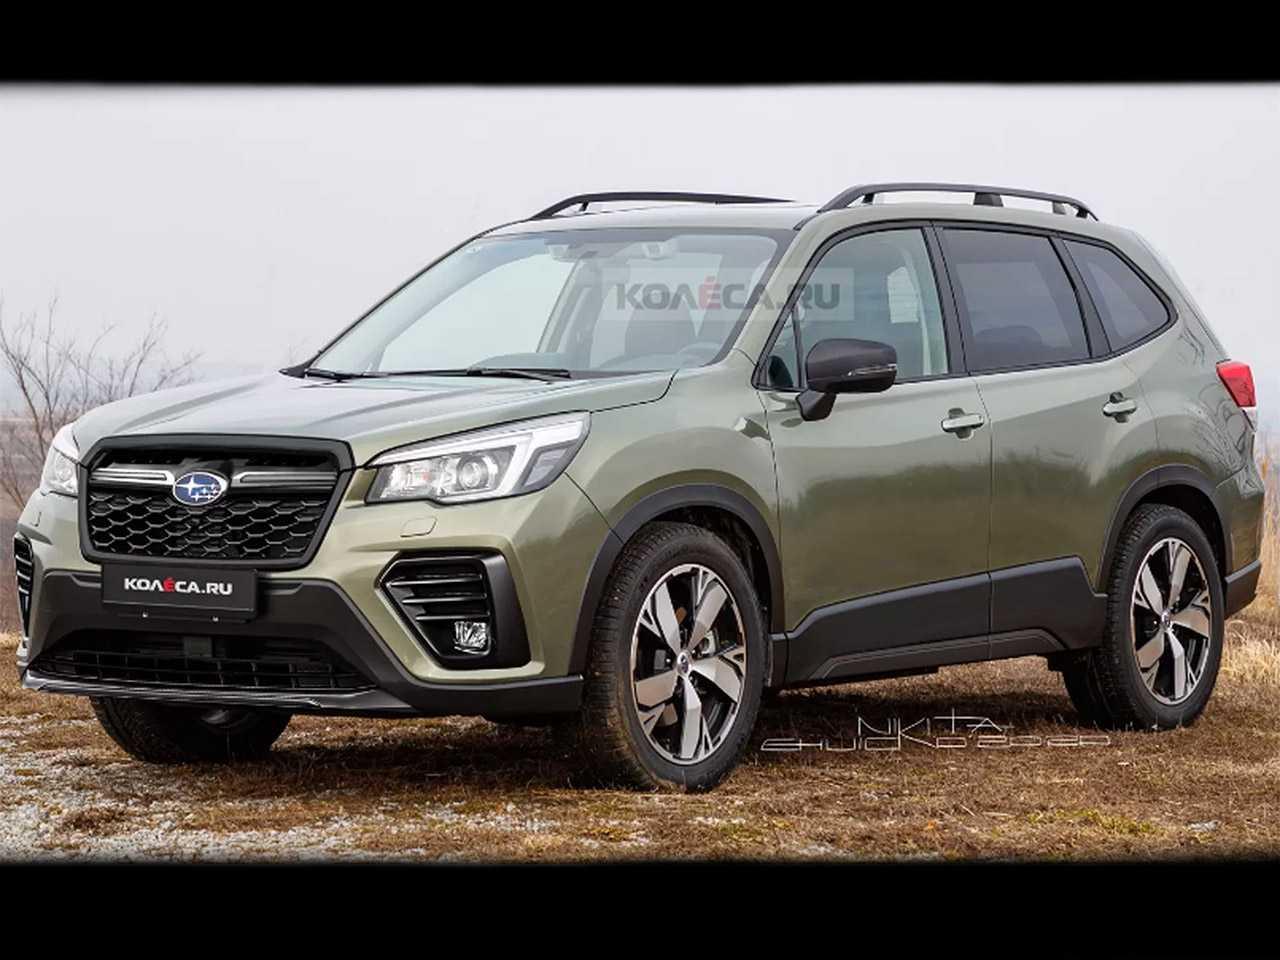 Projeção do site russo Kolesa antecipando o facelift do Subaru Forester